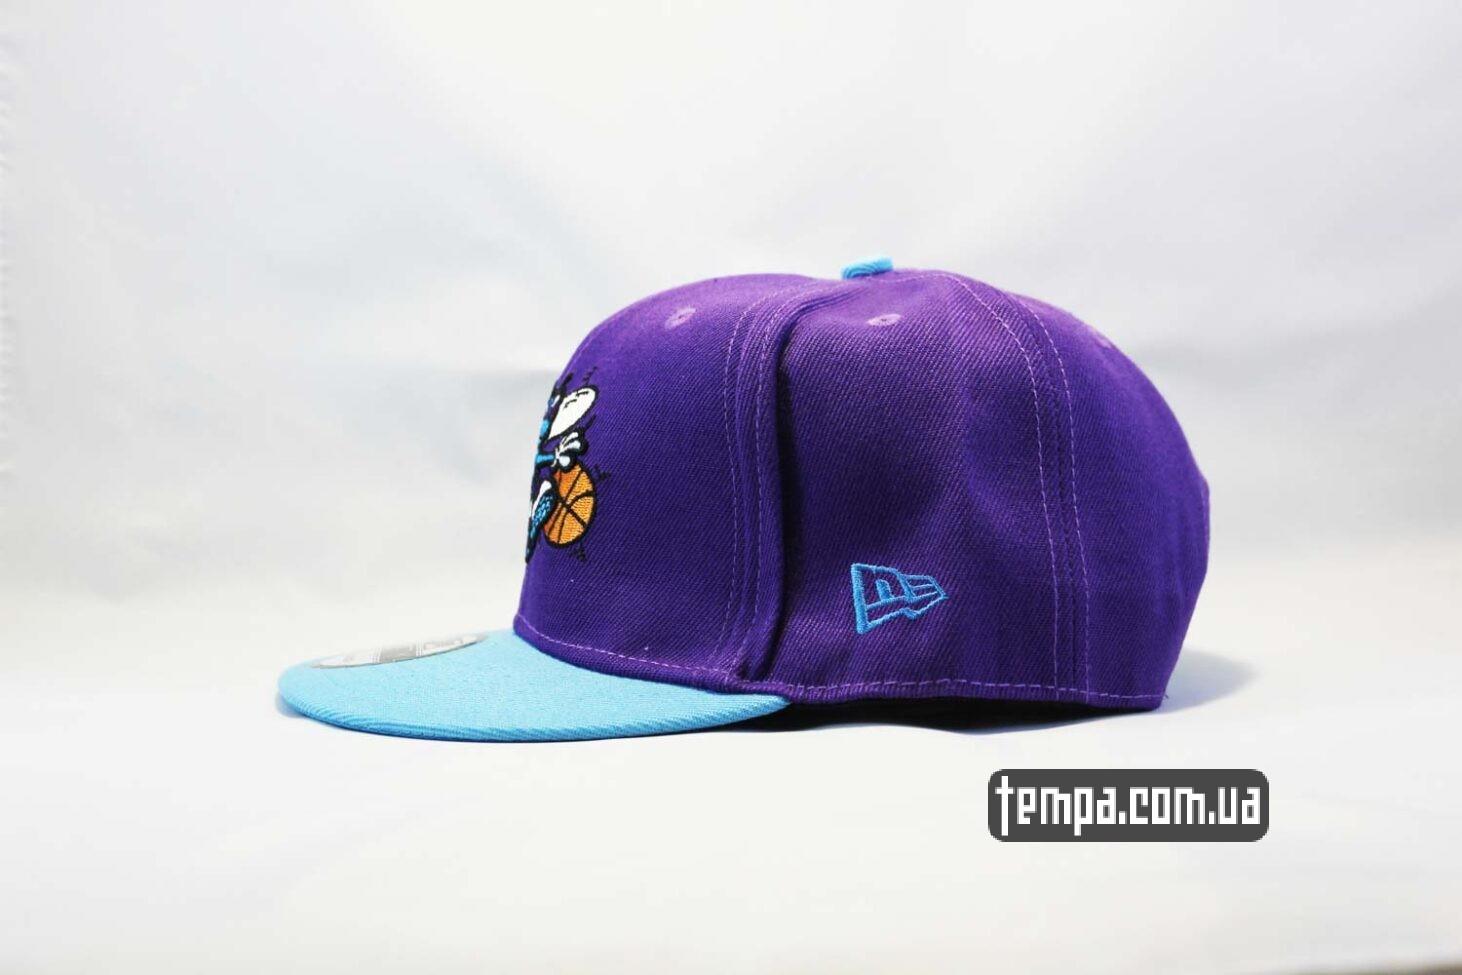 NewEra оригинал Украина кепка snapback Hornets фиолетовя с осой New Era купить